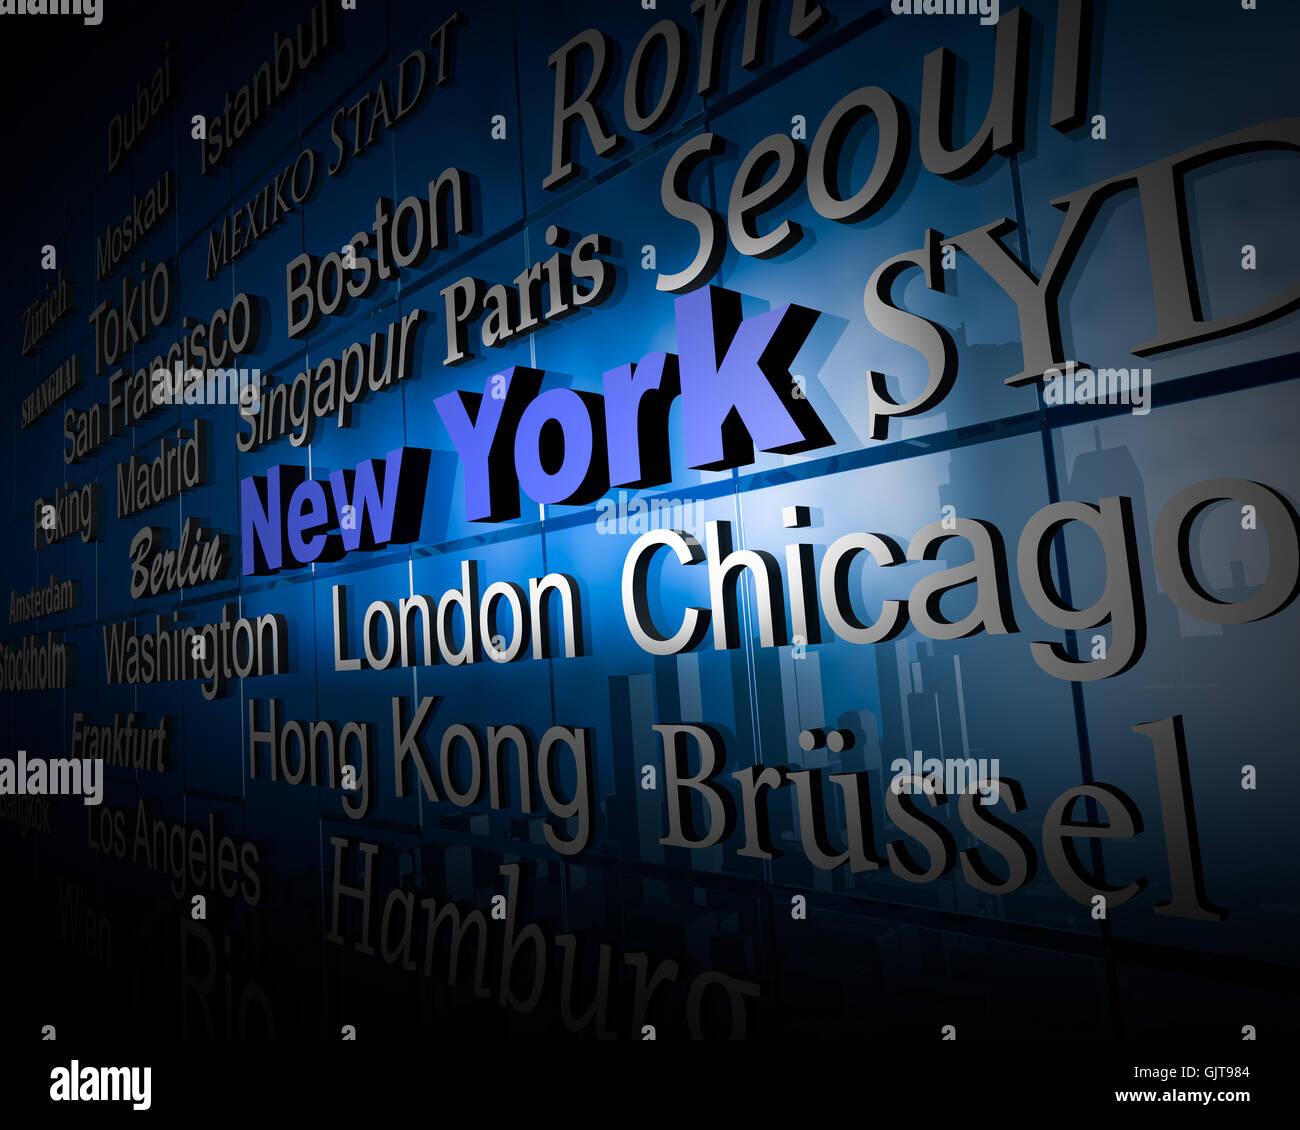 weltstadt3 new york - Stock Image